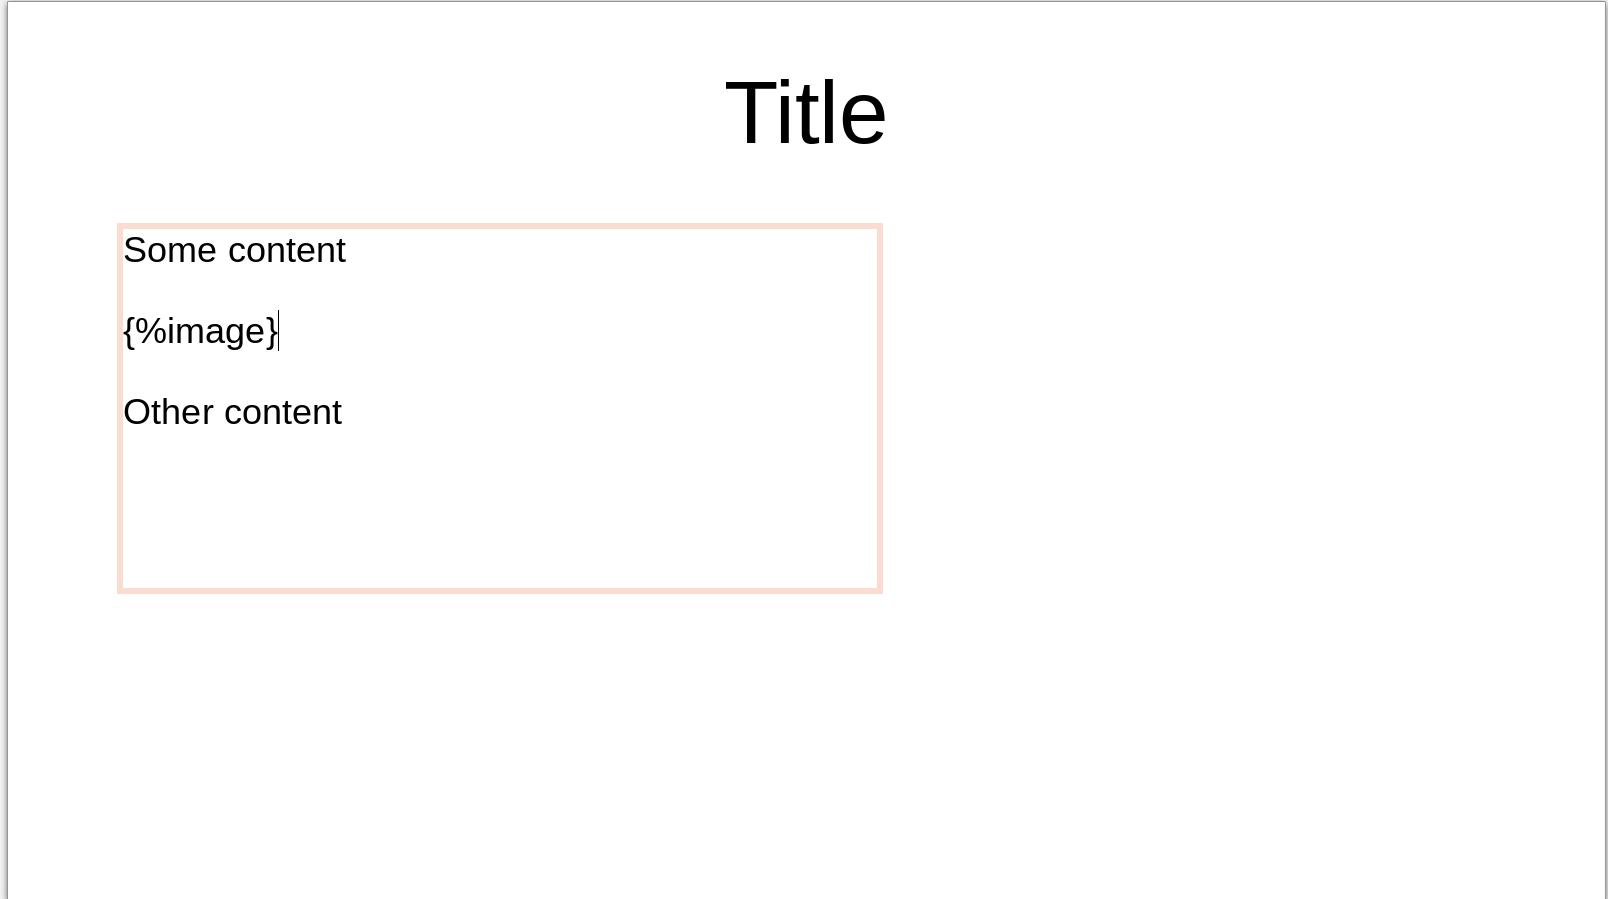 docxtemplater - Module image